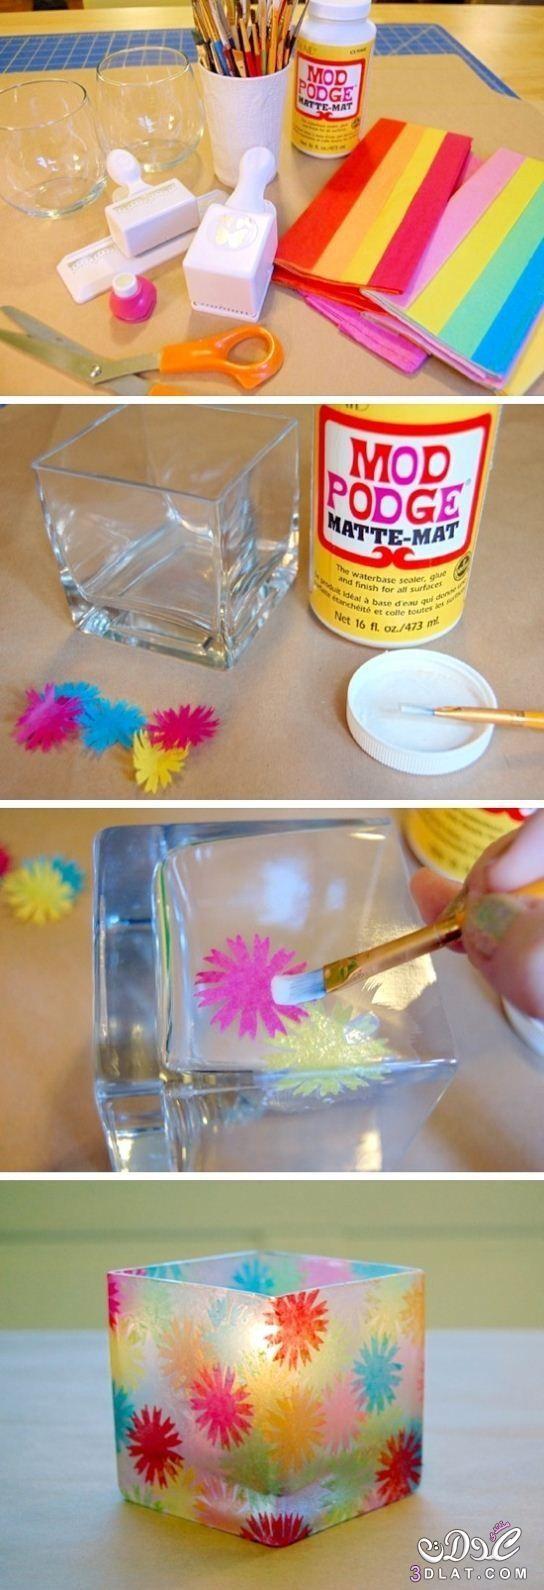 [صور] إبداعات يدوية مفيدة ,أشغال يدوية من الاشياء القديمة,أعمال يدوية للمنزل 3dlat.net_07_15_b6d5